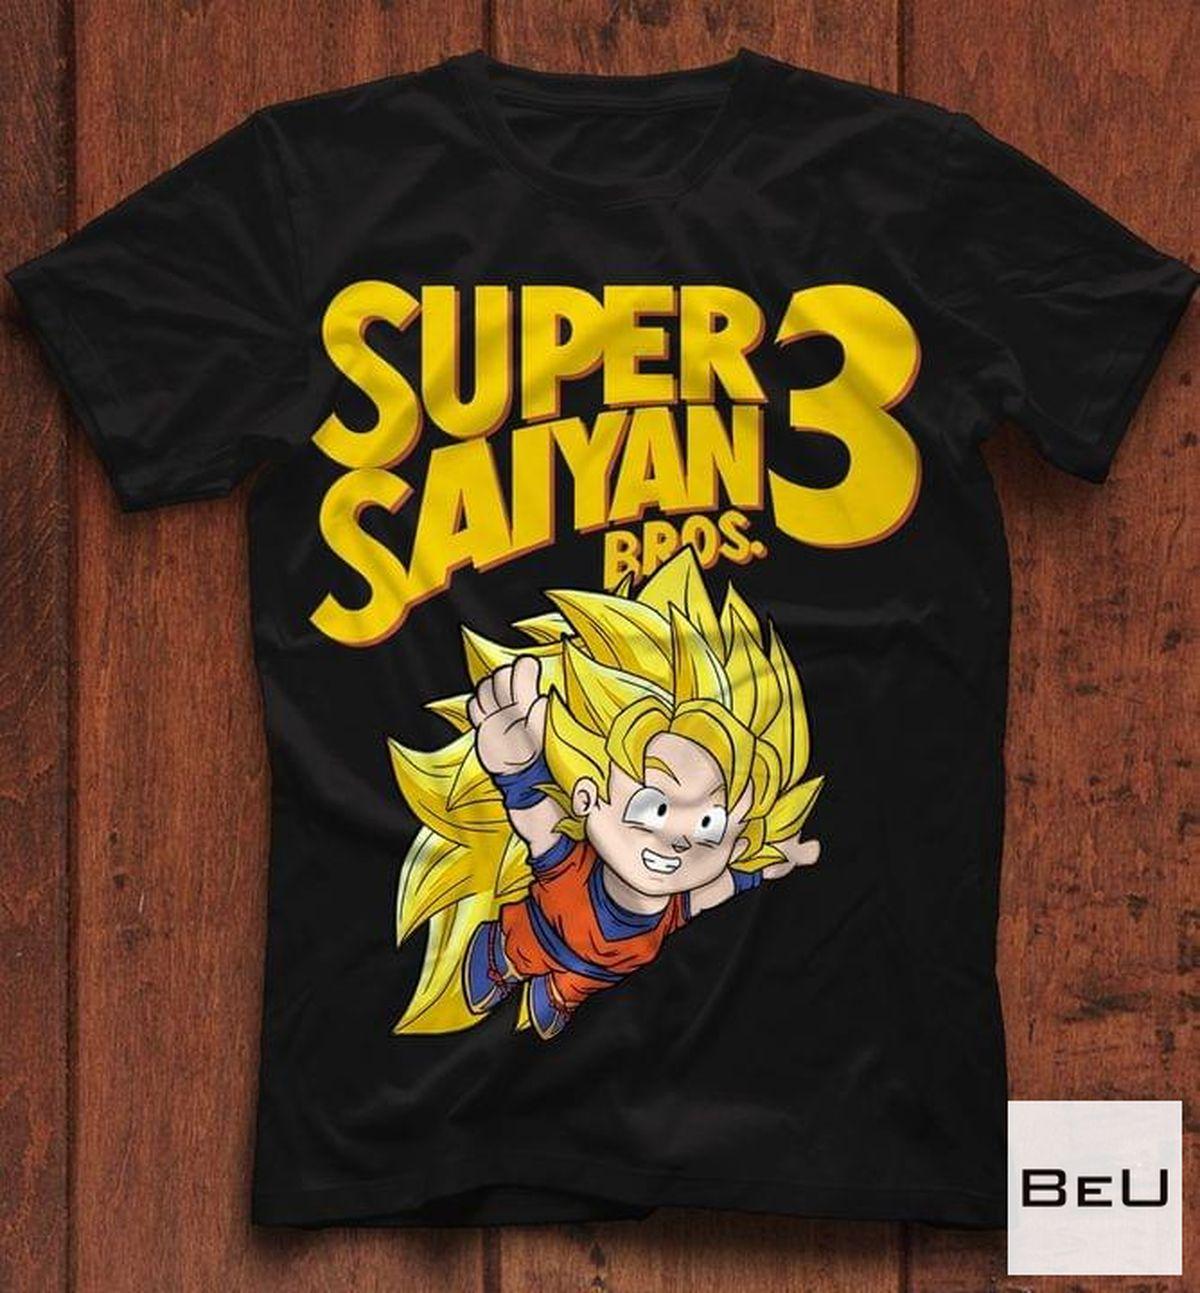 Super Saiyan Bros 3 Shirt